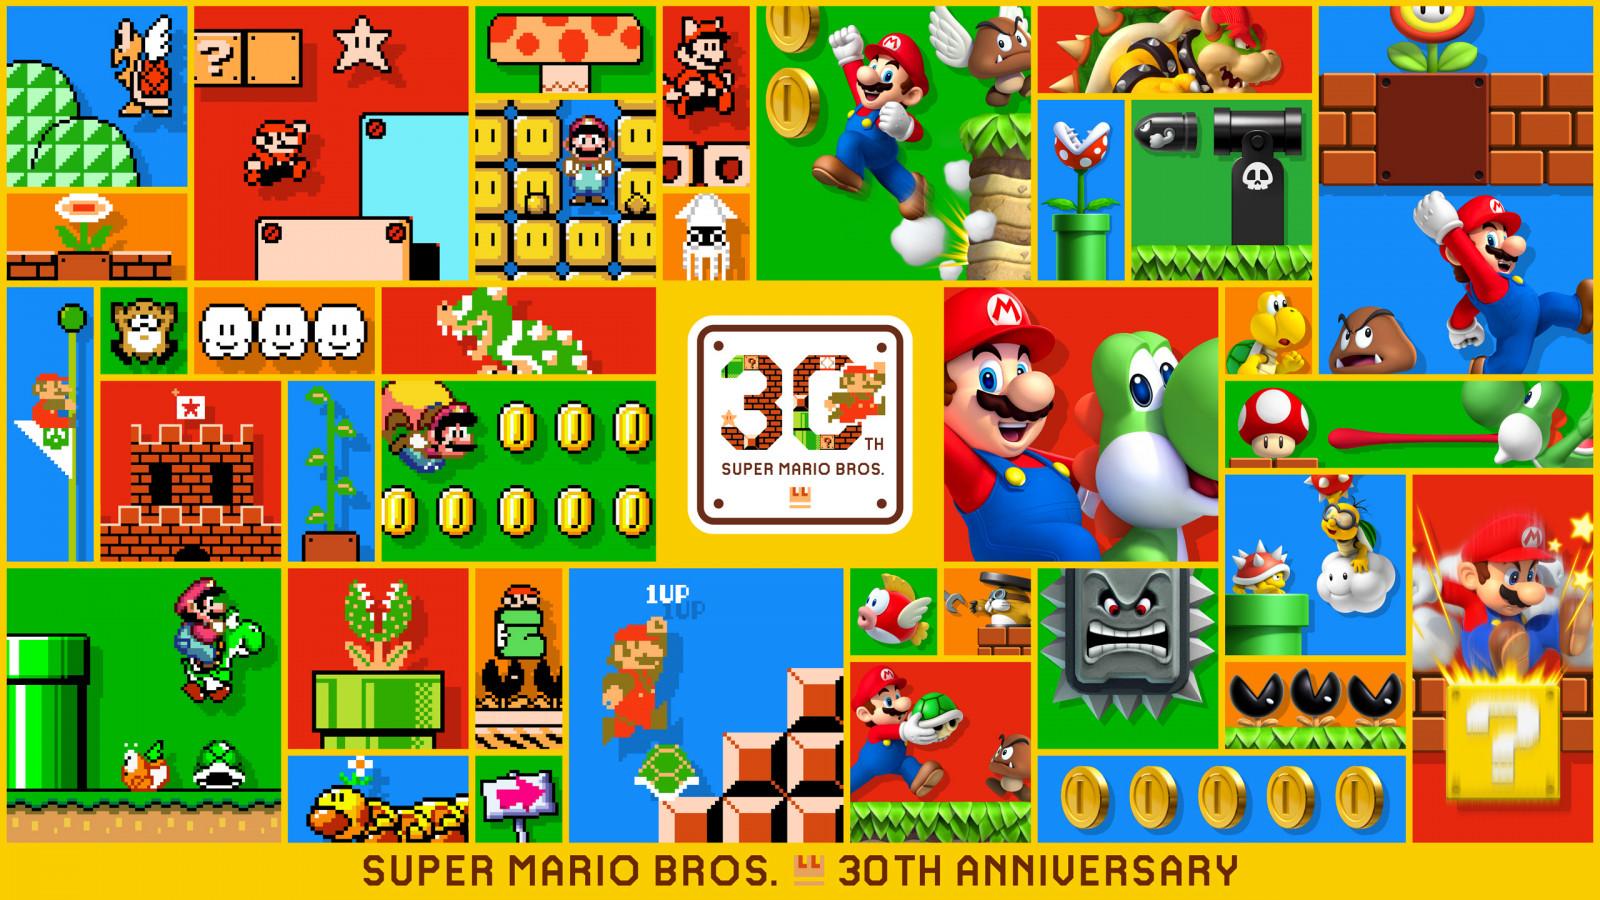 Wallpaper : Super Mario Bros, Super